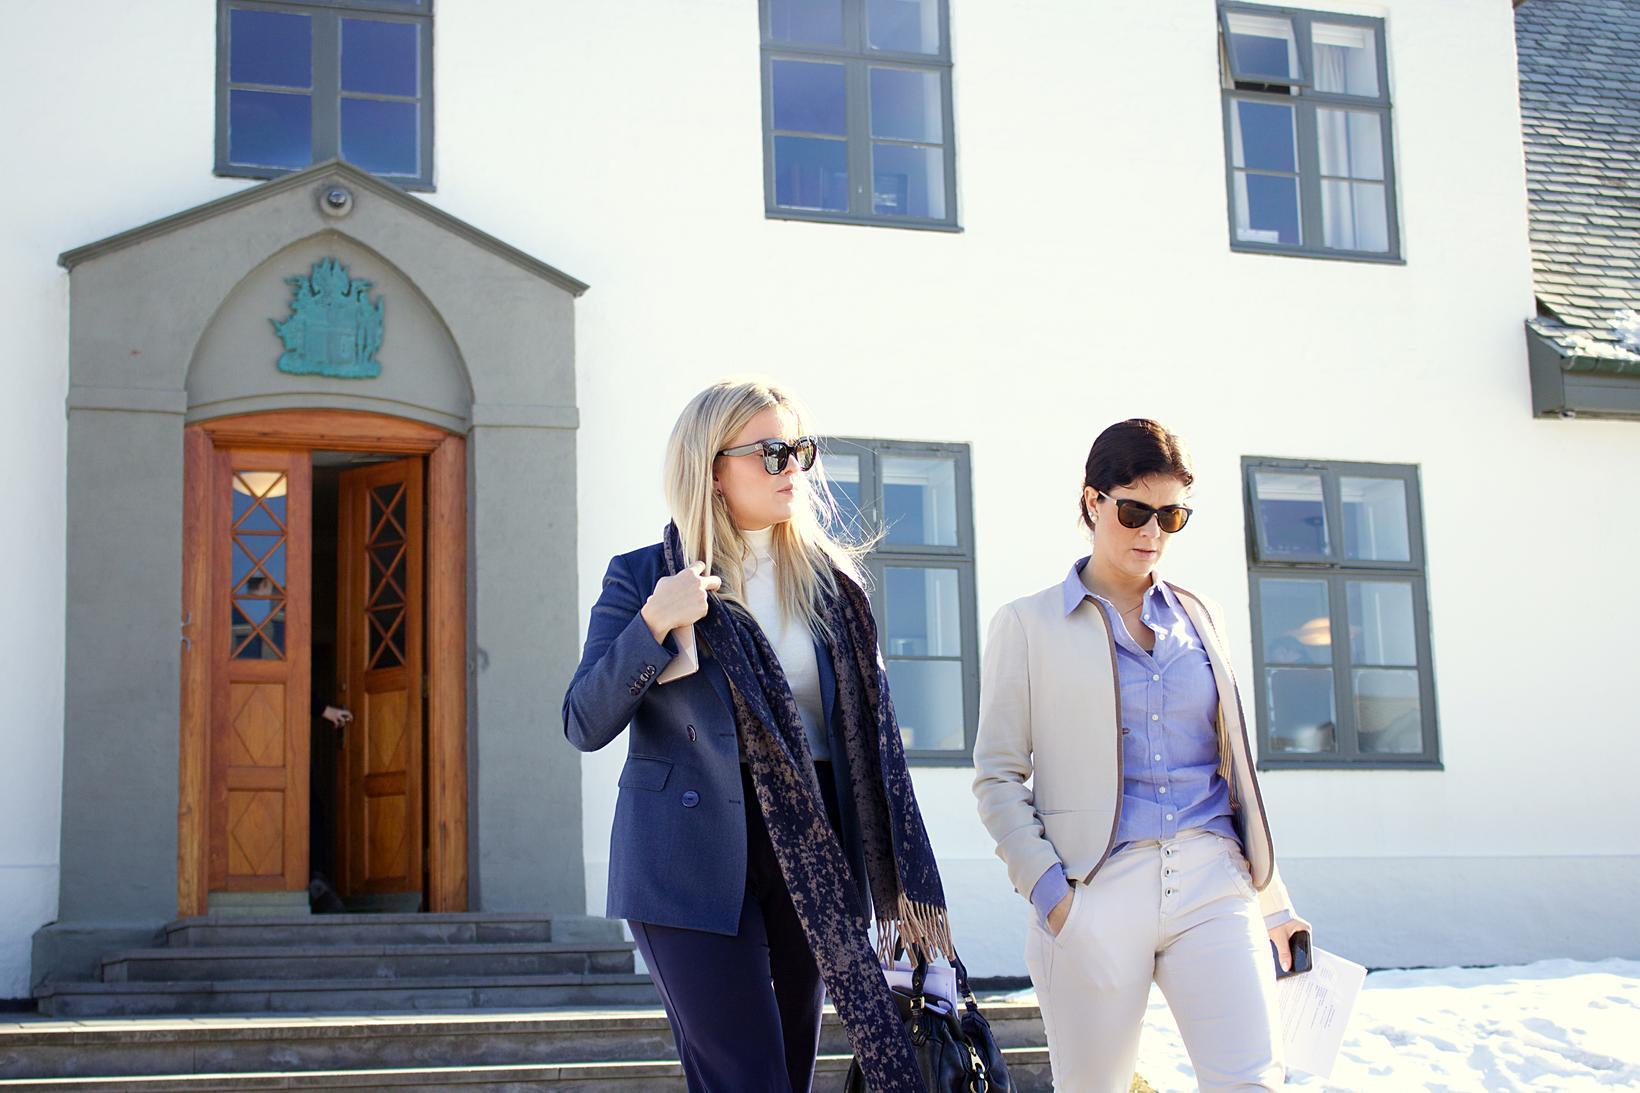 Áslaug Arna Sigurbjörnsdóttir dómsmálaráðherra og Þórdís Kolbrún Reykfjörð Gylfadóttir ferðamálaráðherra …